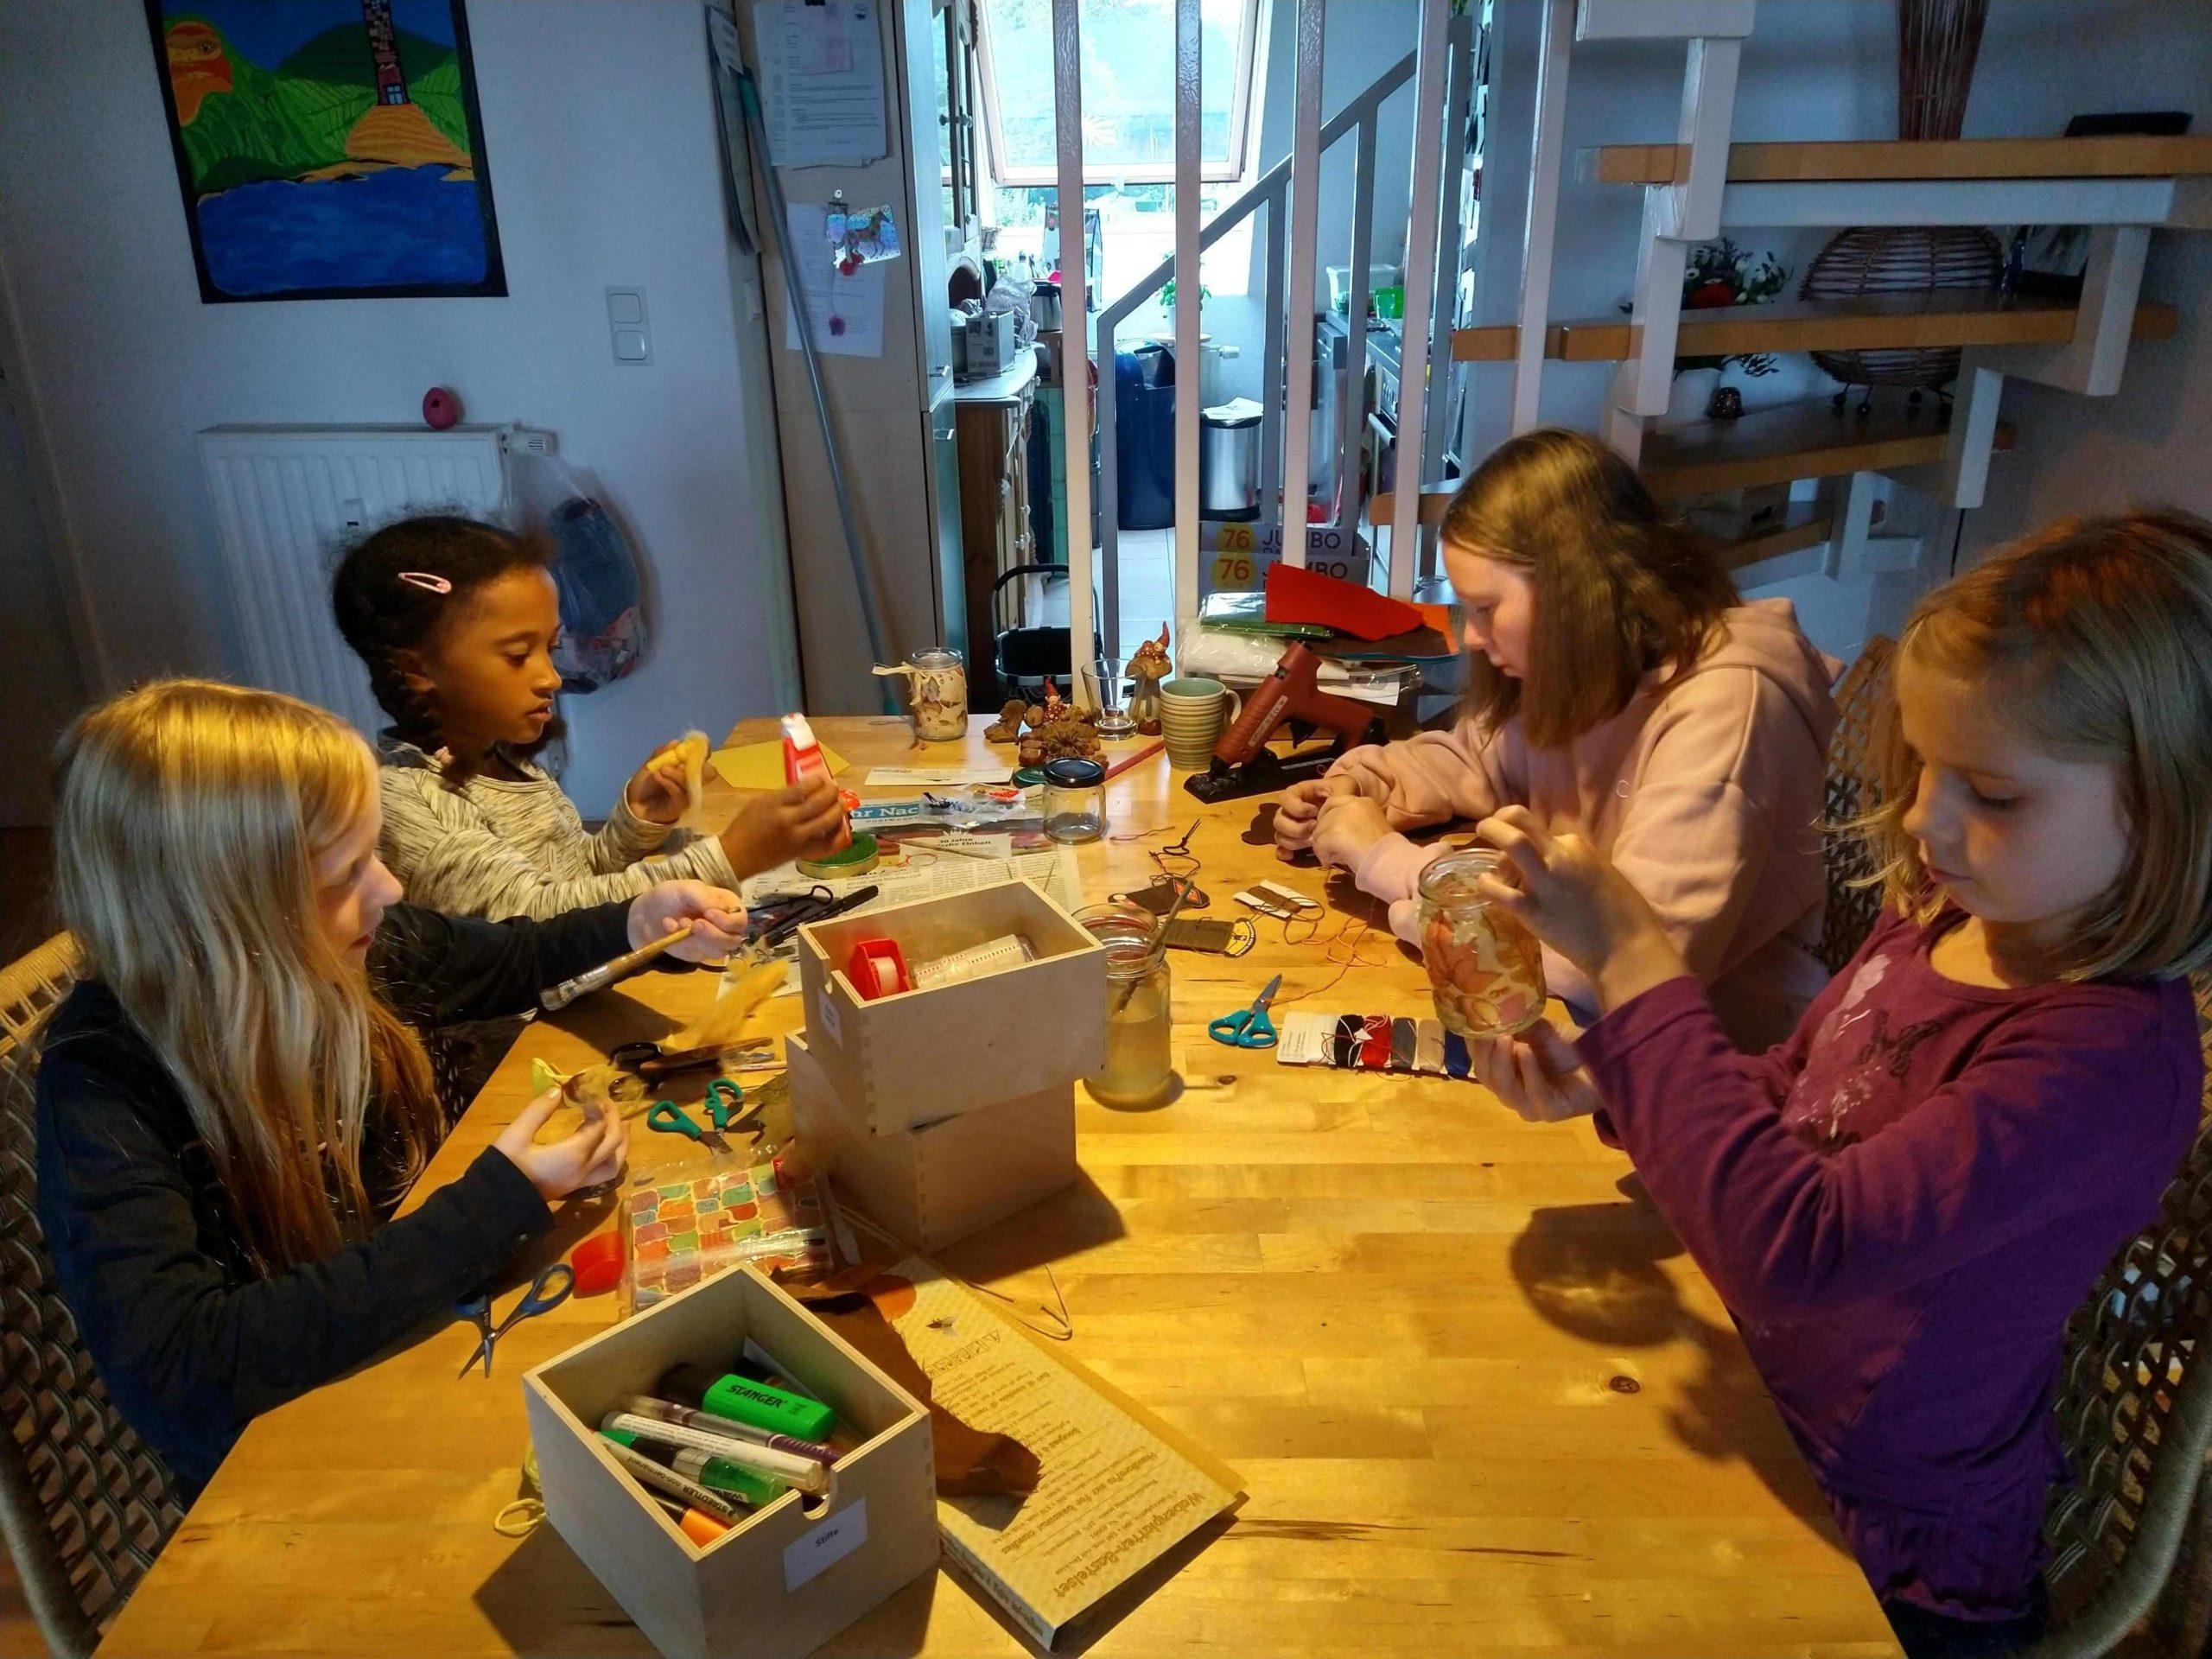 4 Mädchen sitzen an einem Tisch und basteln (Quelle: privat)